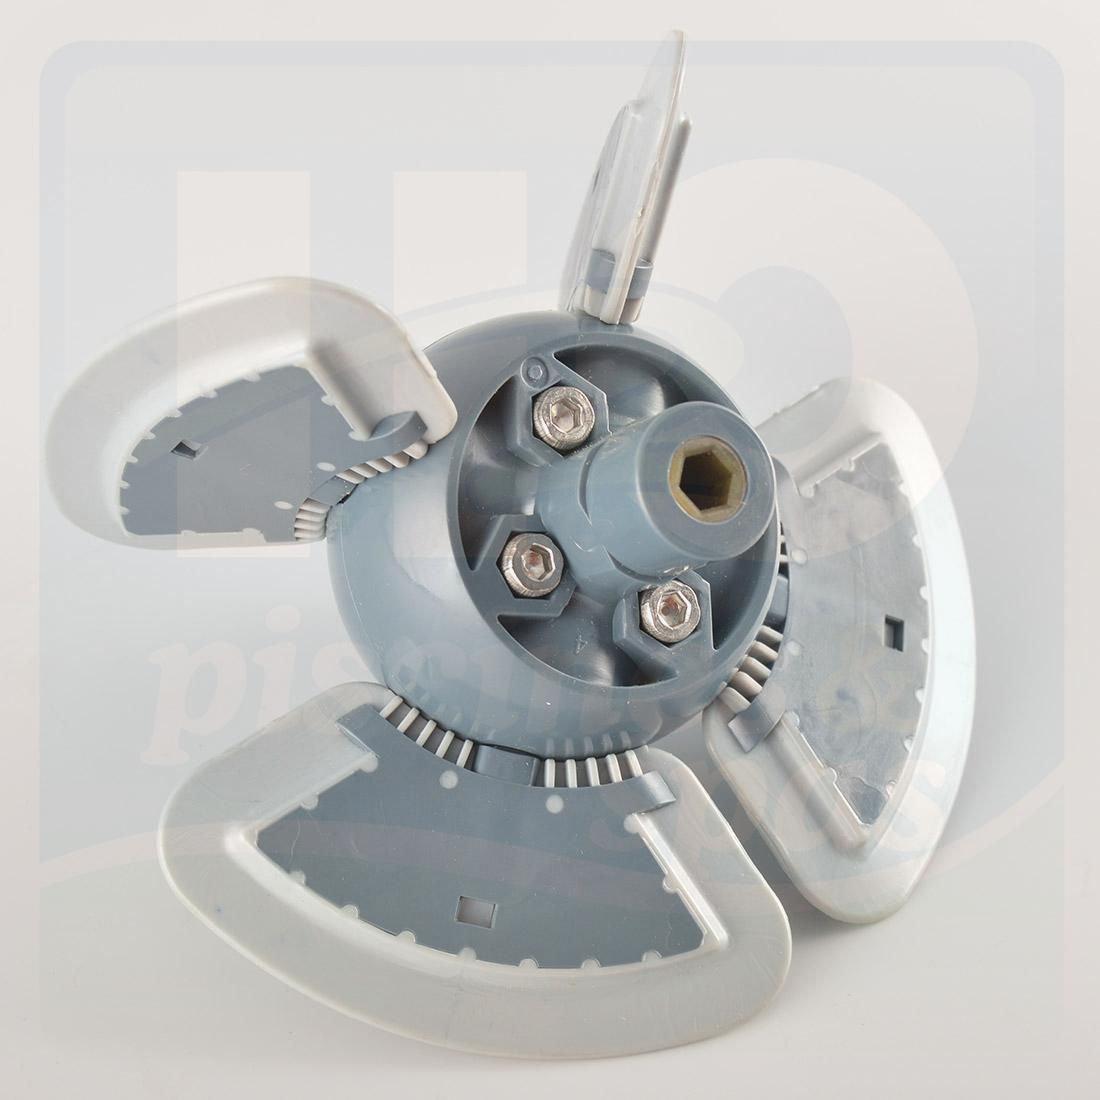 Assemblage Moteur De Robot De Piscine Zodiac Mx6 - Mx8 - Mx9 - H2O Piscines  & Spas concernant Robot Piscine Zodiac Mx8